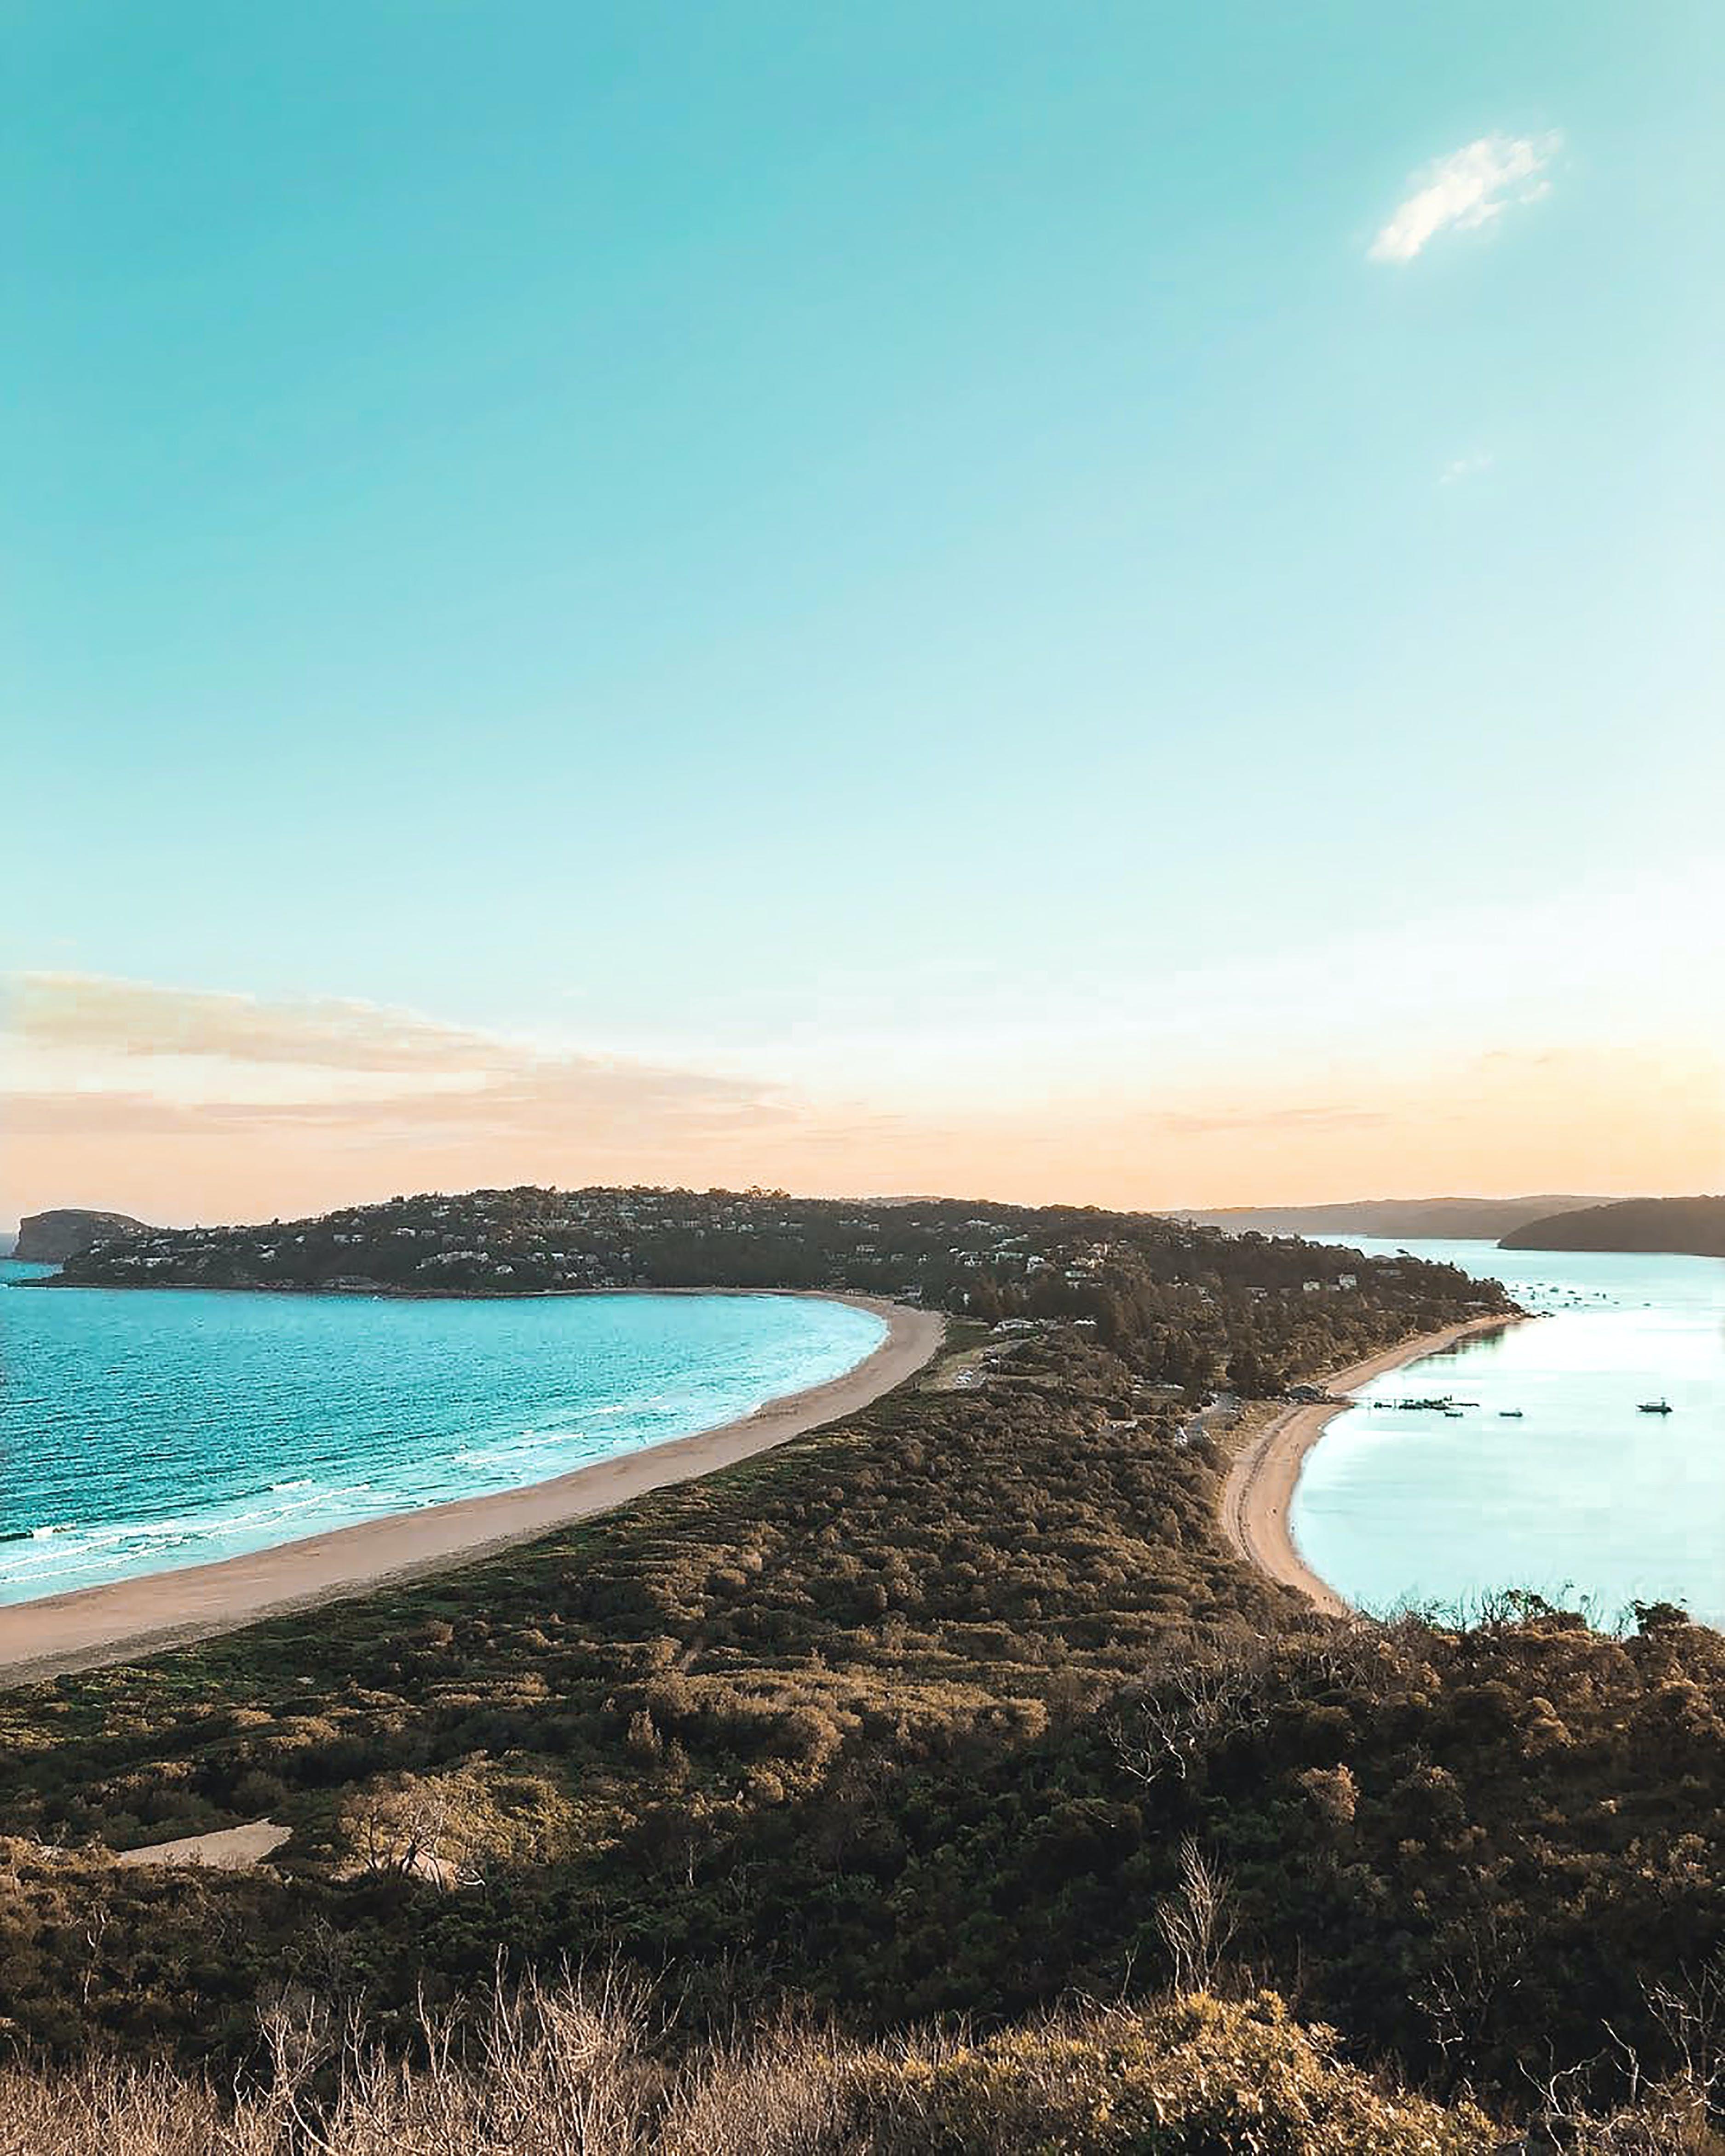 Δωρεάν στοκ φωτογραφιών με Surf, αεροφωτογράφιση, άμμος, Αυστραλία